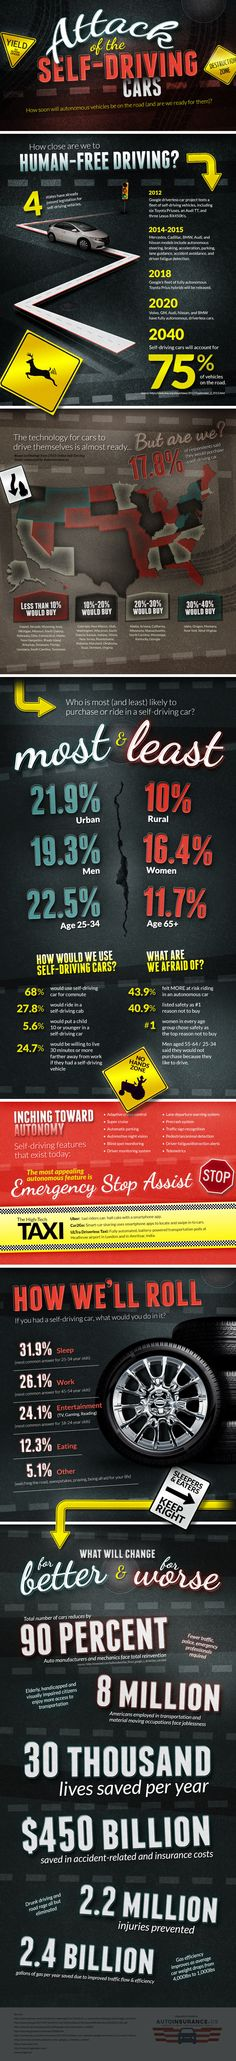 el ataque de los vehículos autodirigidos #infografia #estadistica